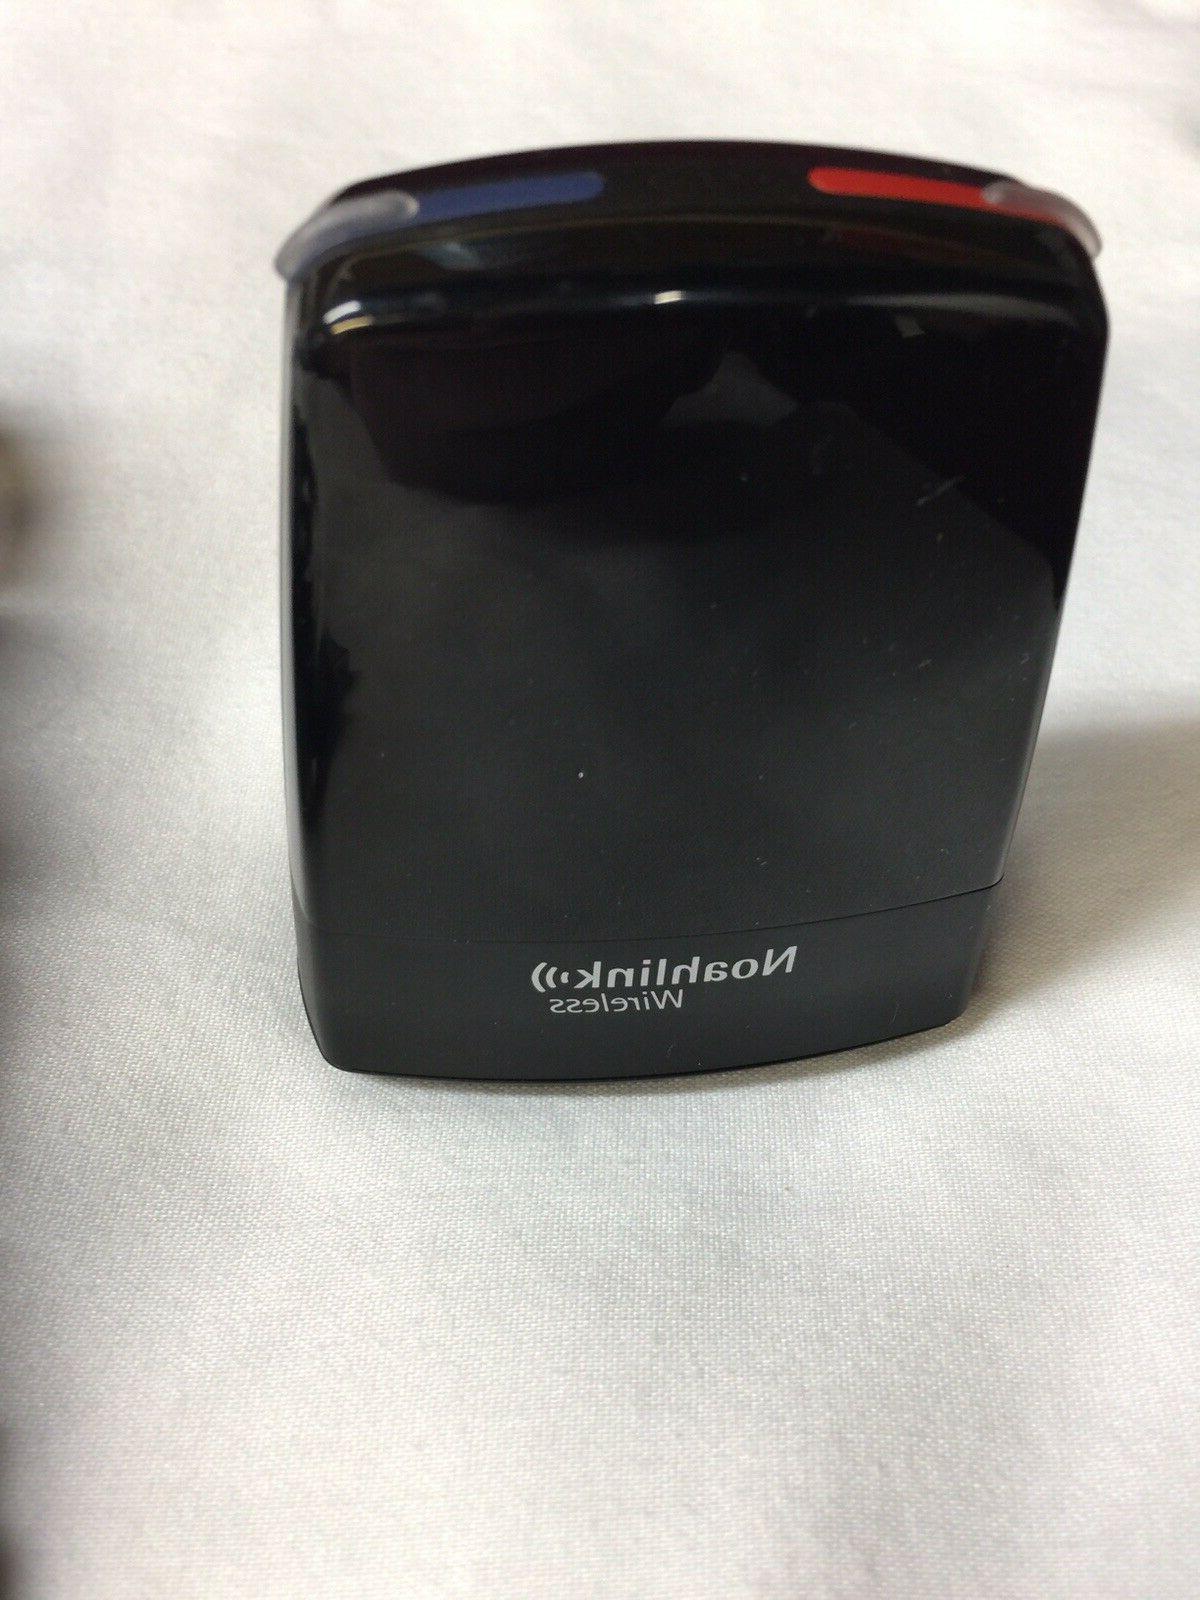 Noahlink Wireless oticon Resound